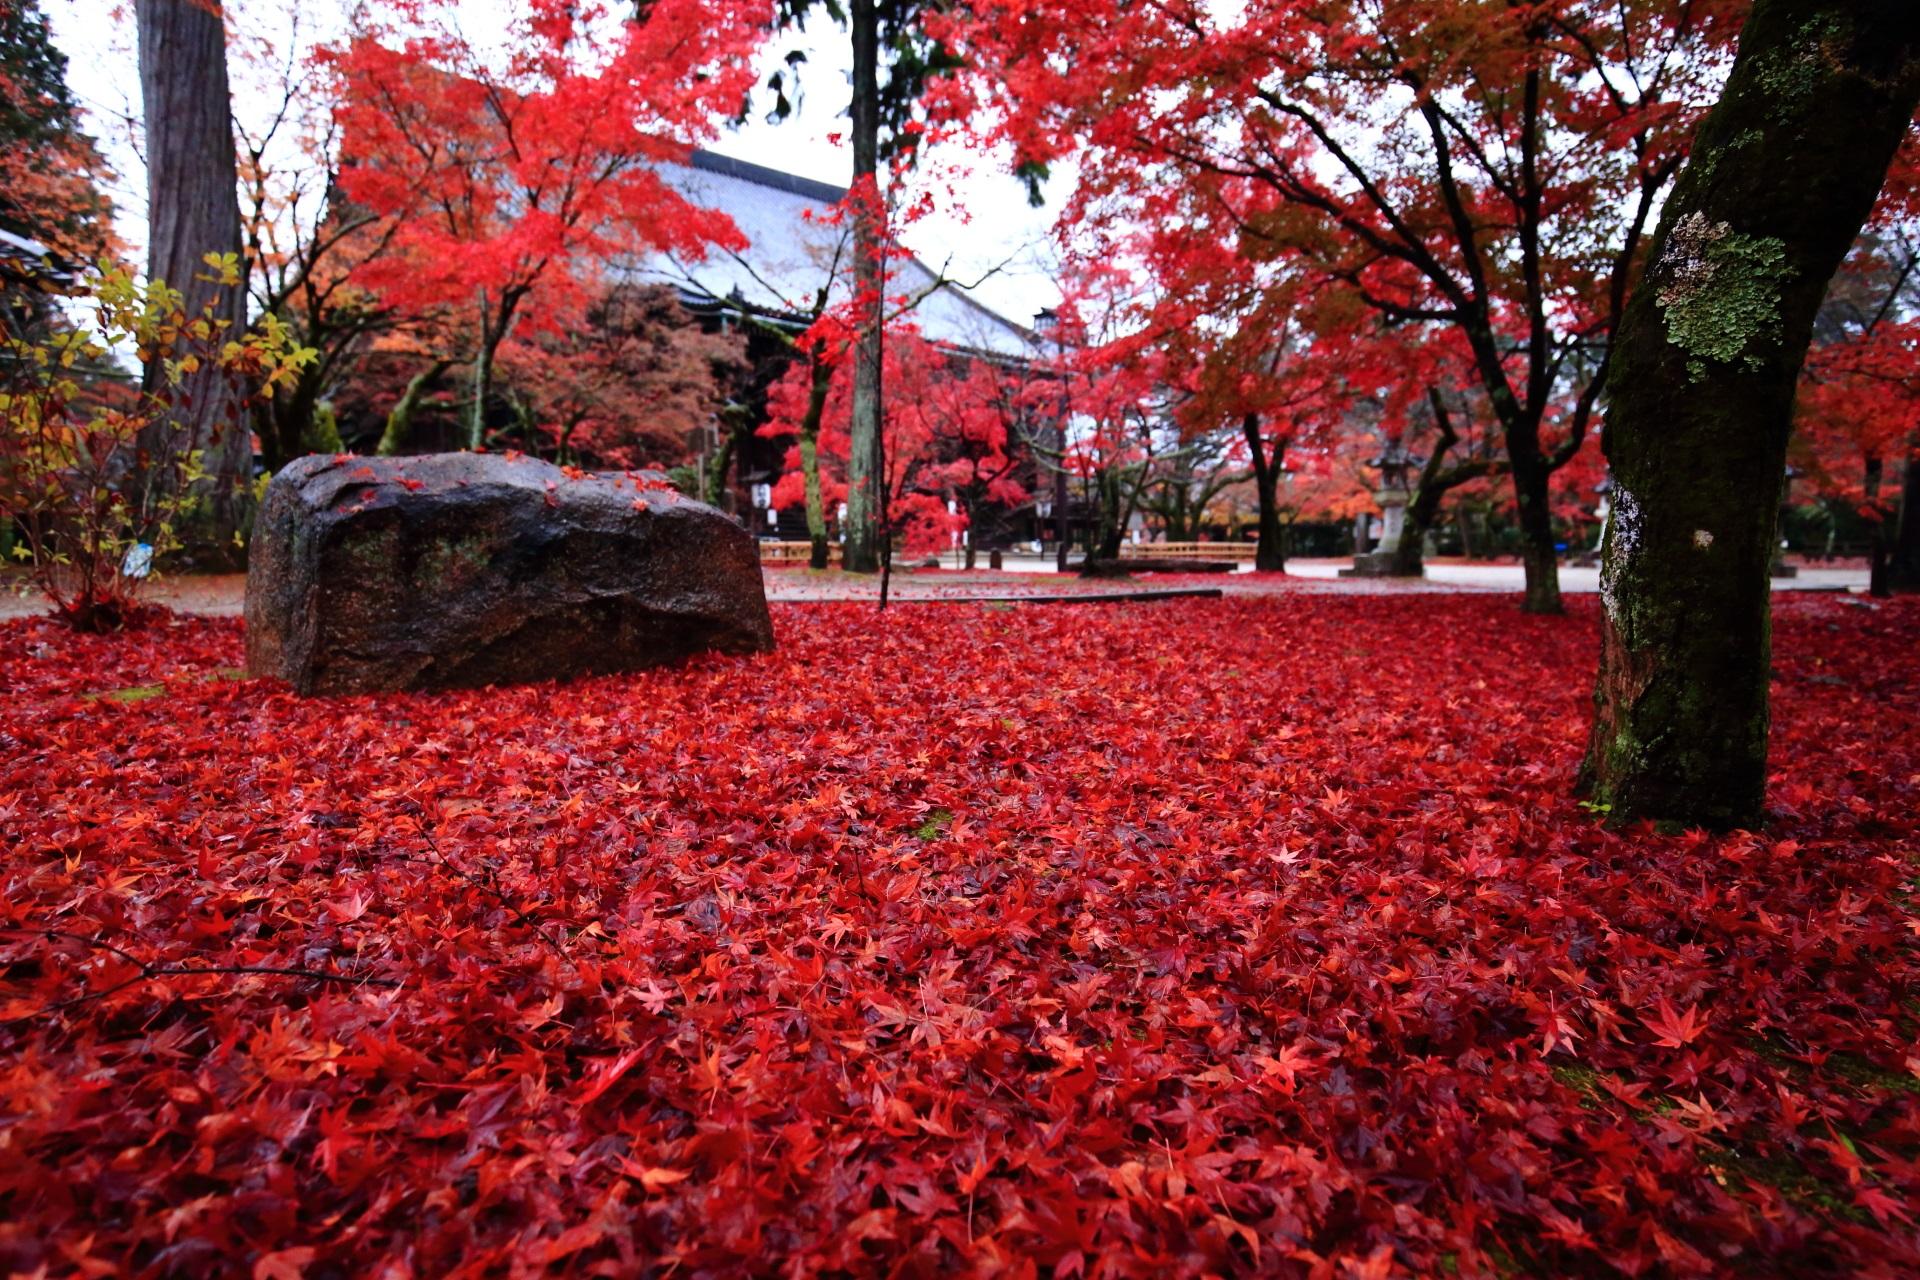 至るところに広げられている紅葉の赤い絨毯